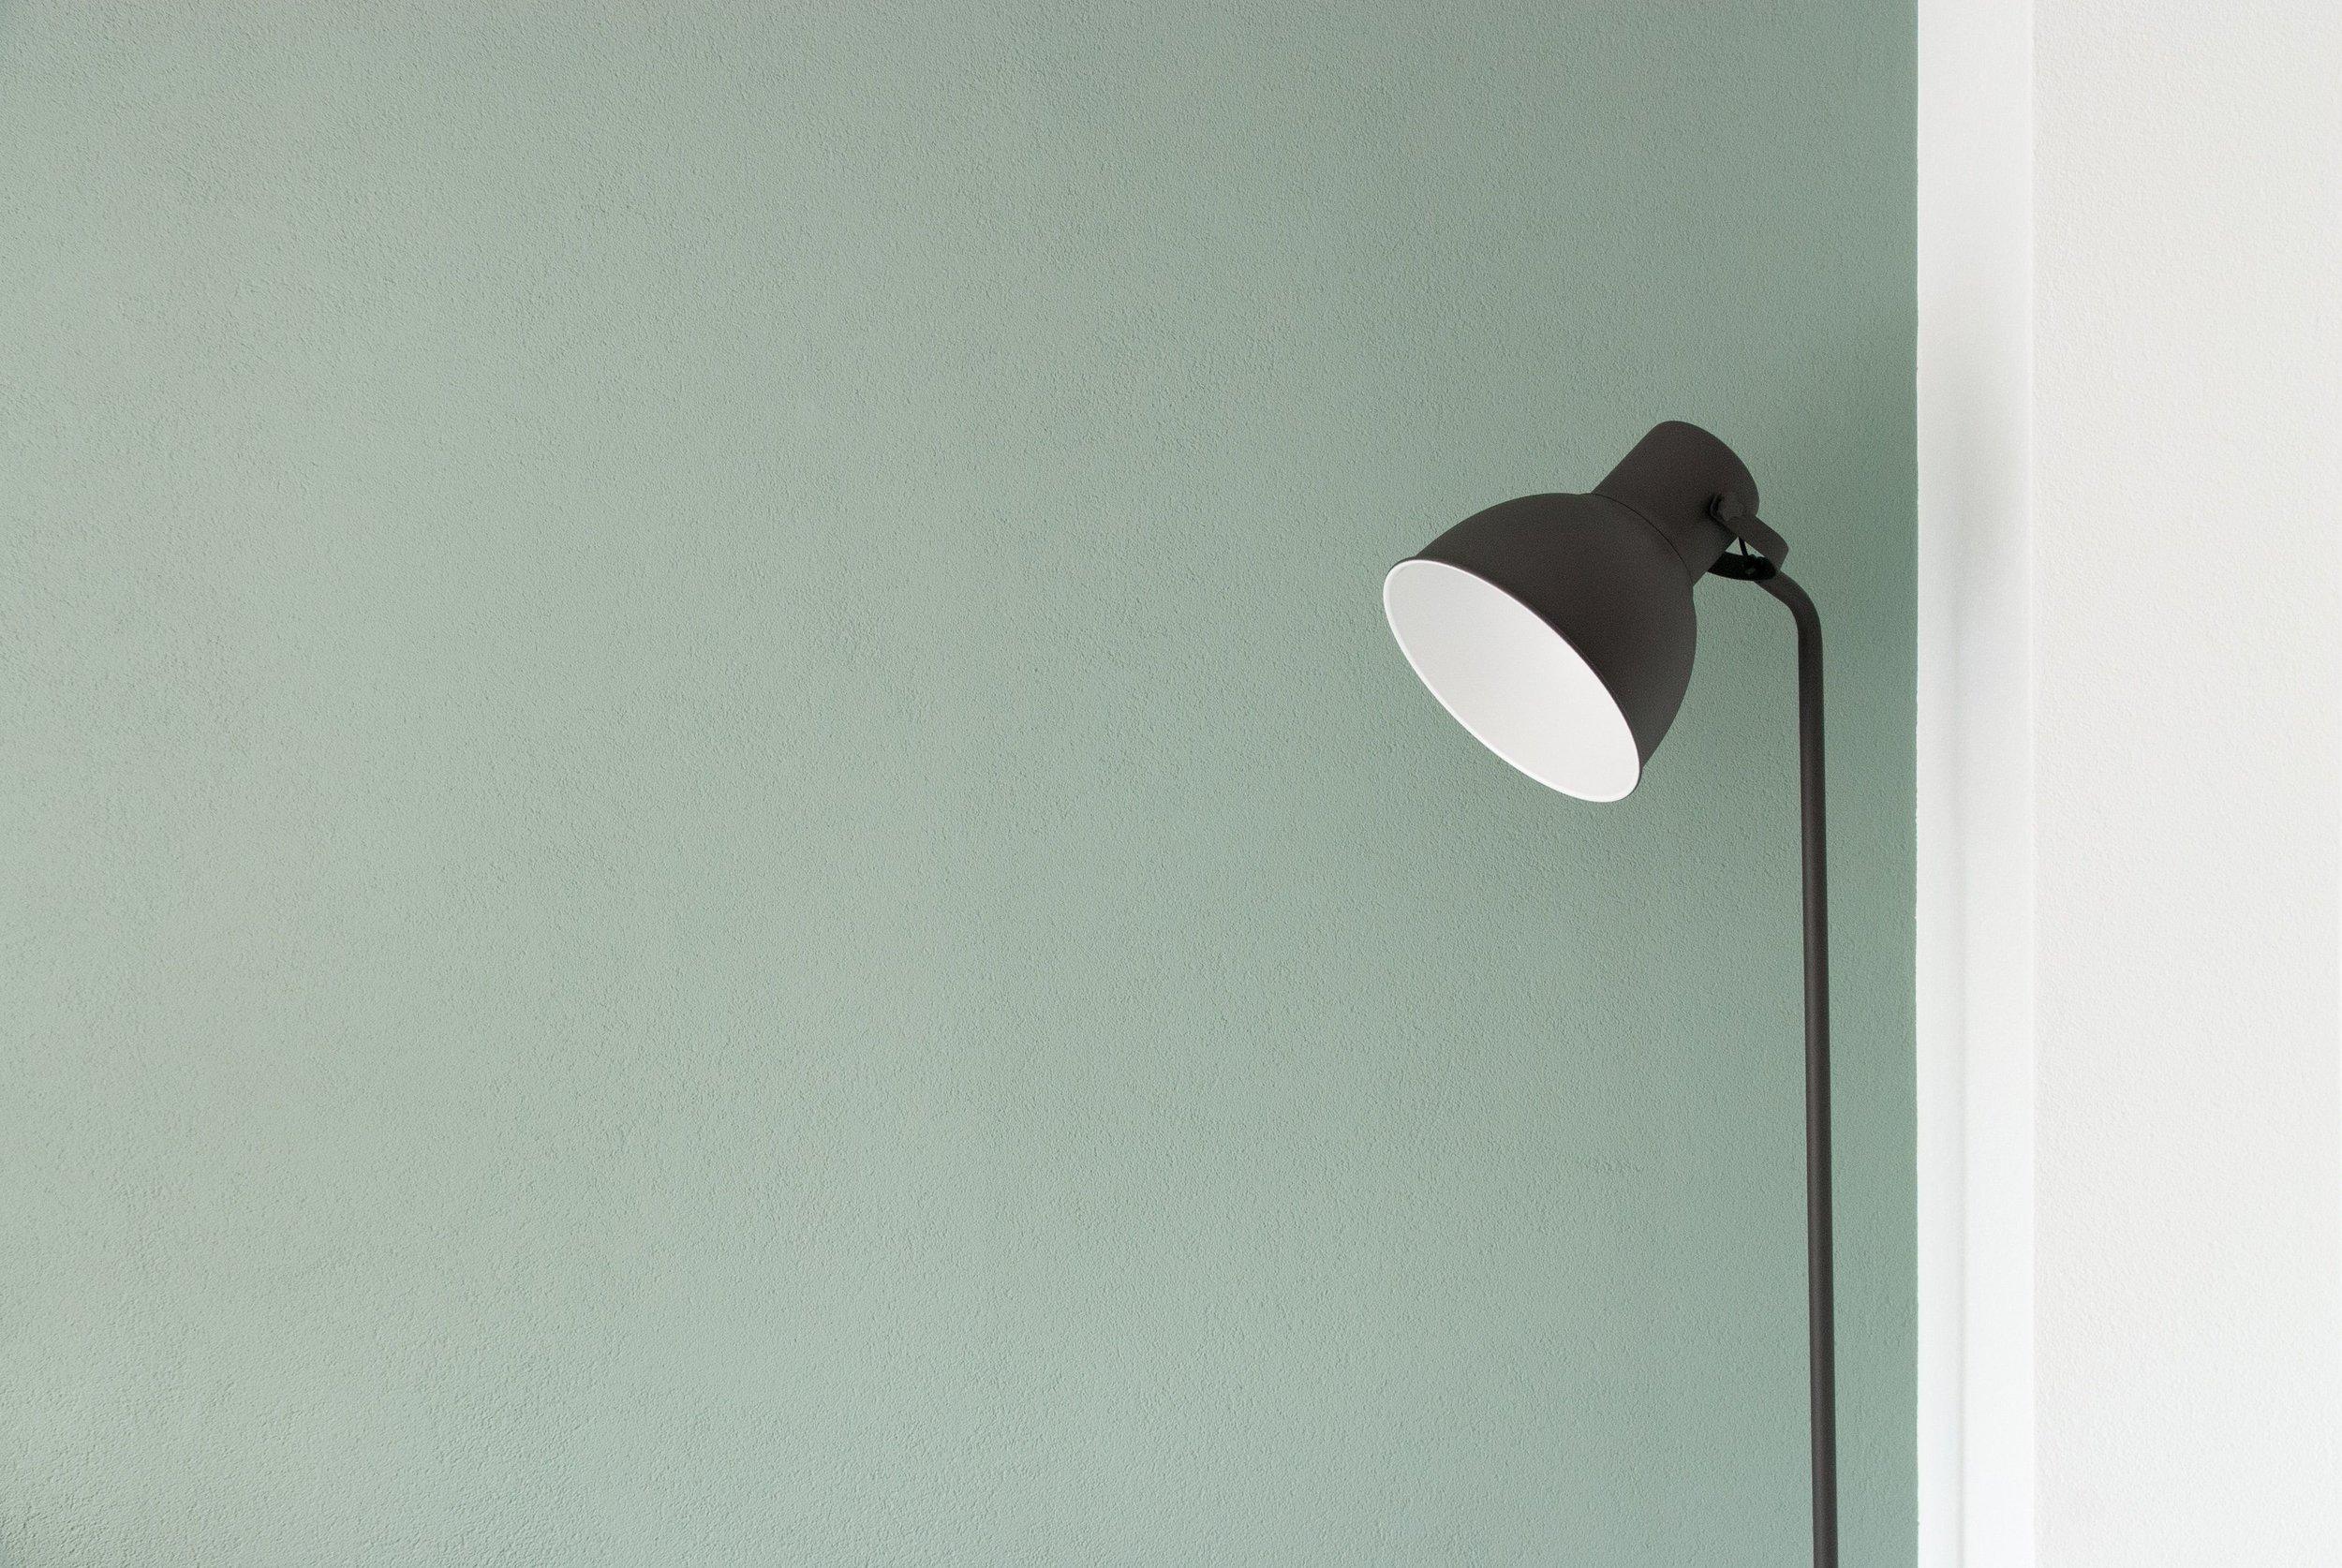 lighting-home-essentials-checklist